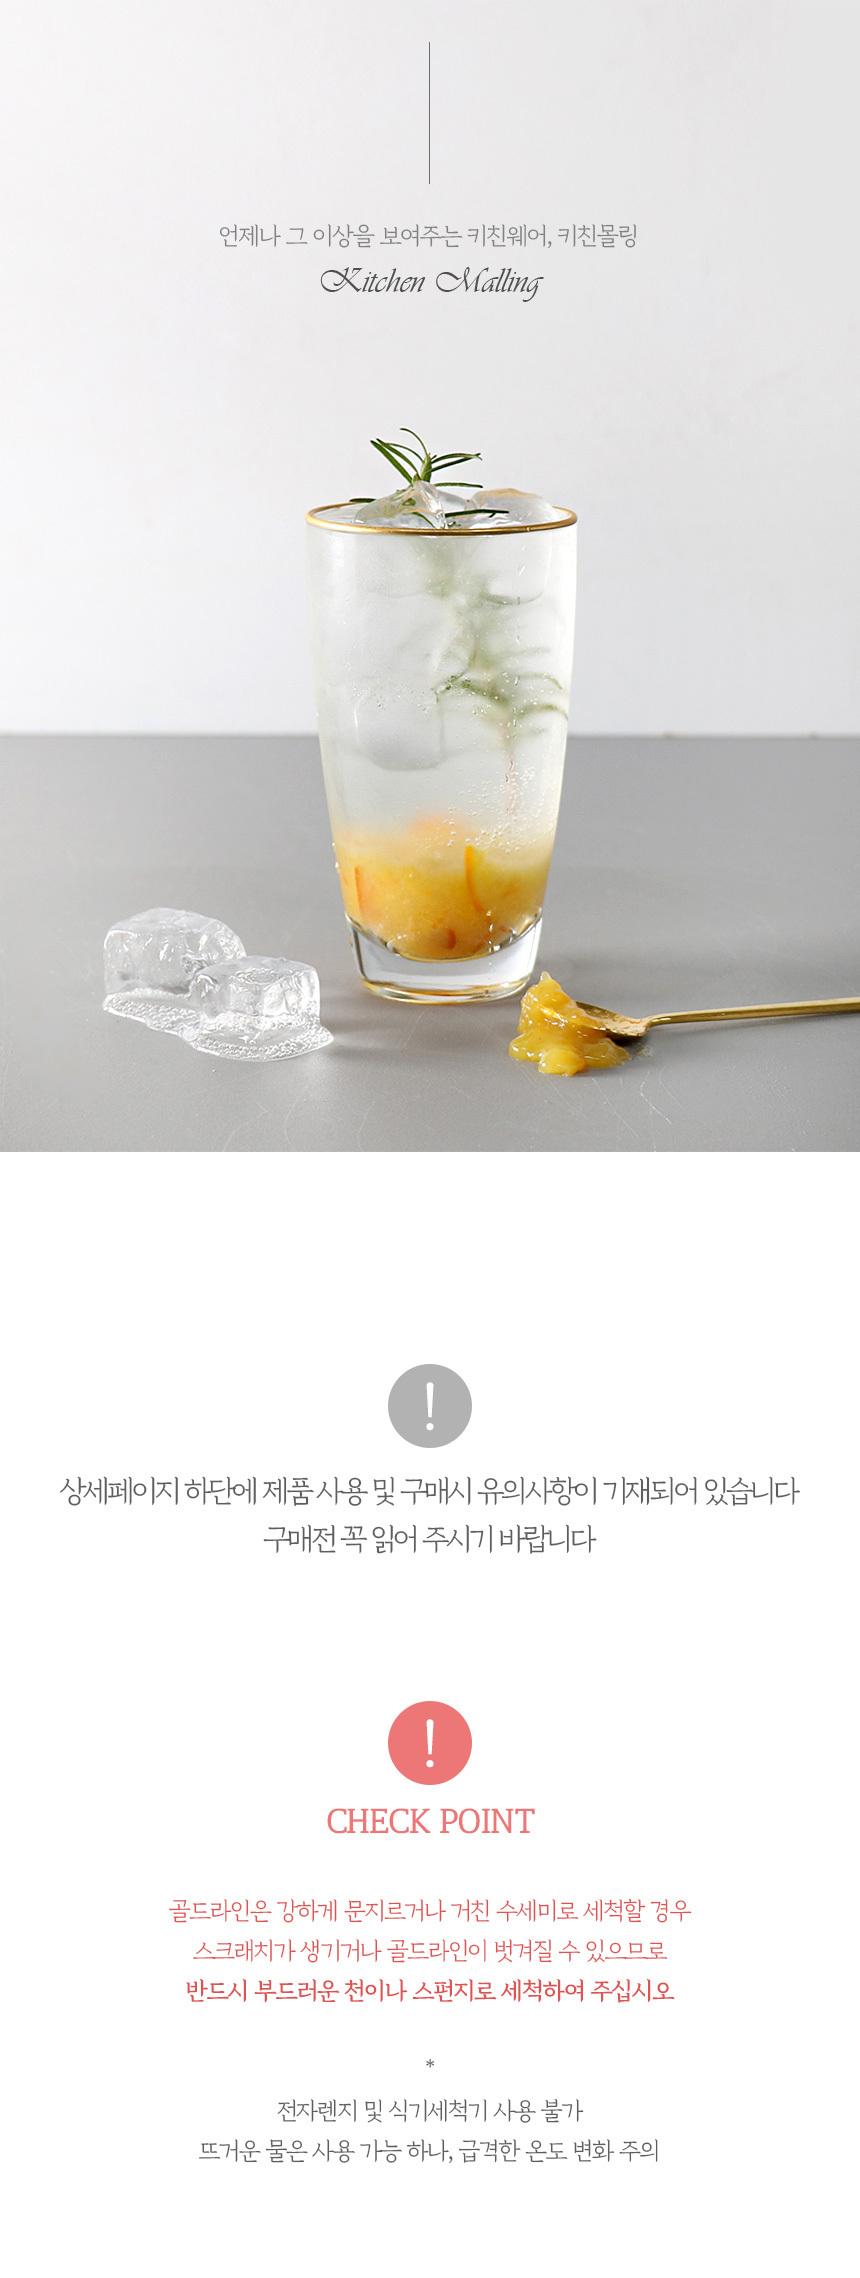 골드라인 롱 티아라 유리컵 410ml - 키친몰링, 9,200원, 유리컵/술잔, 유리컵